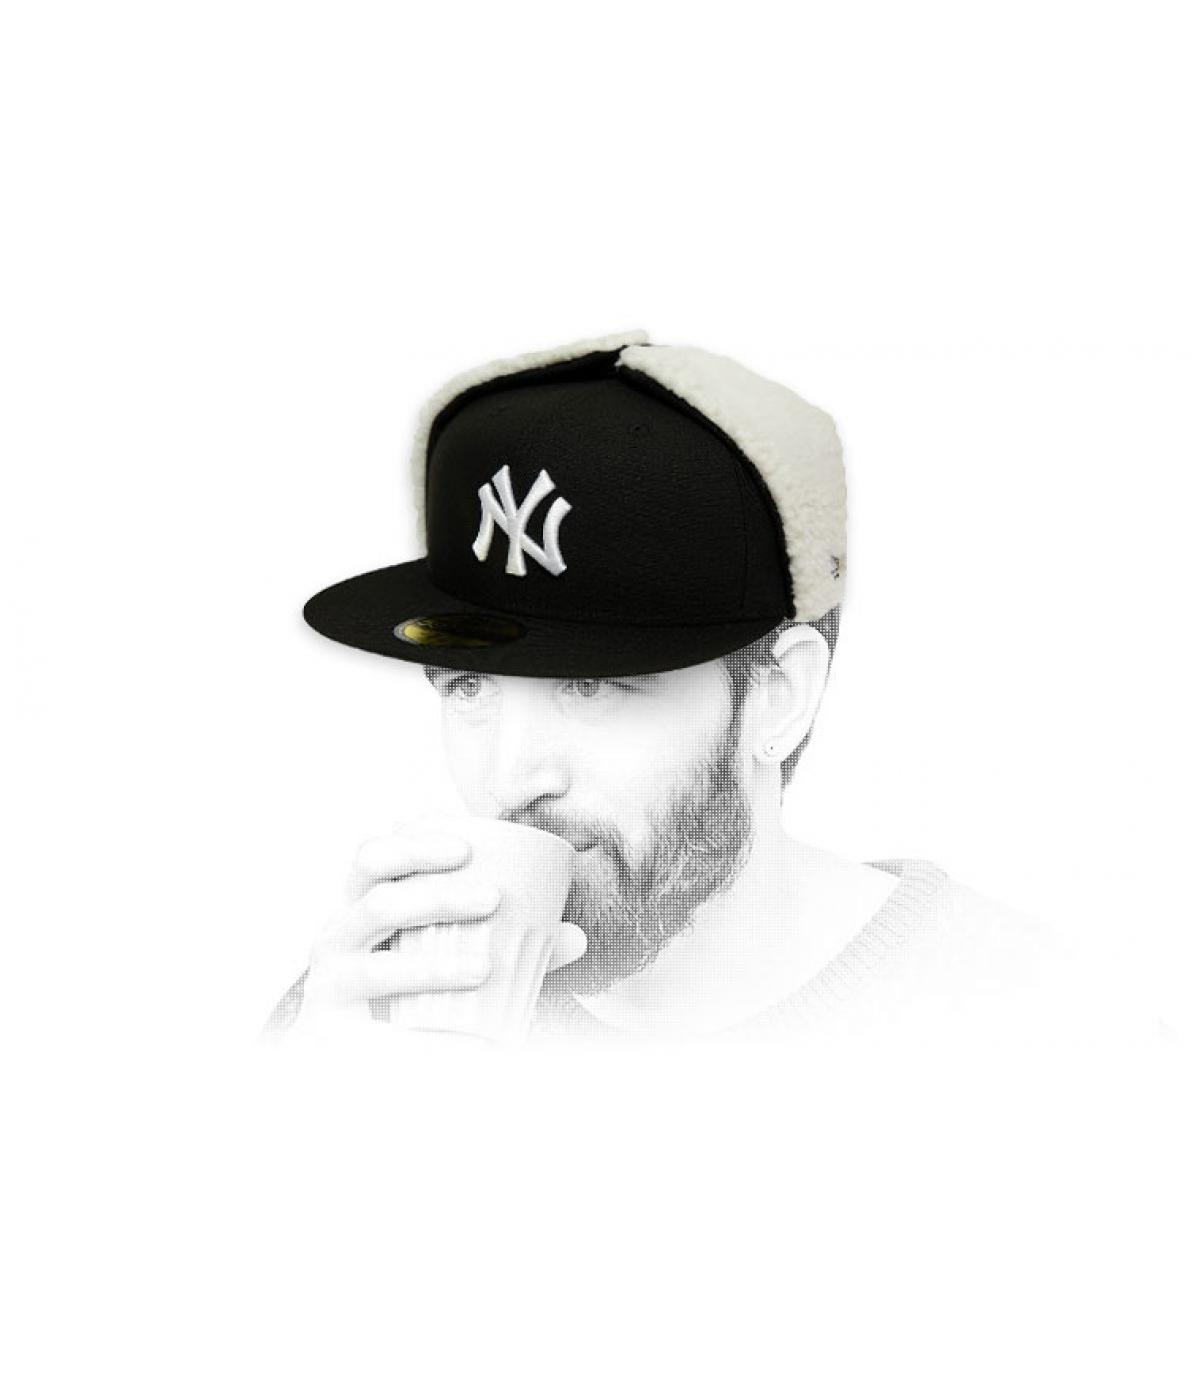 dop NY zwart wit beschermt oren